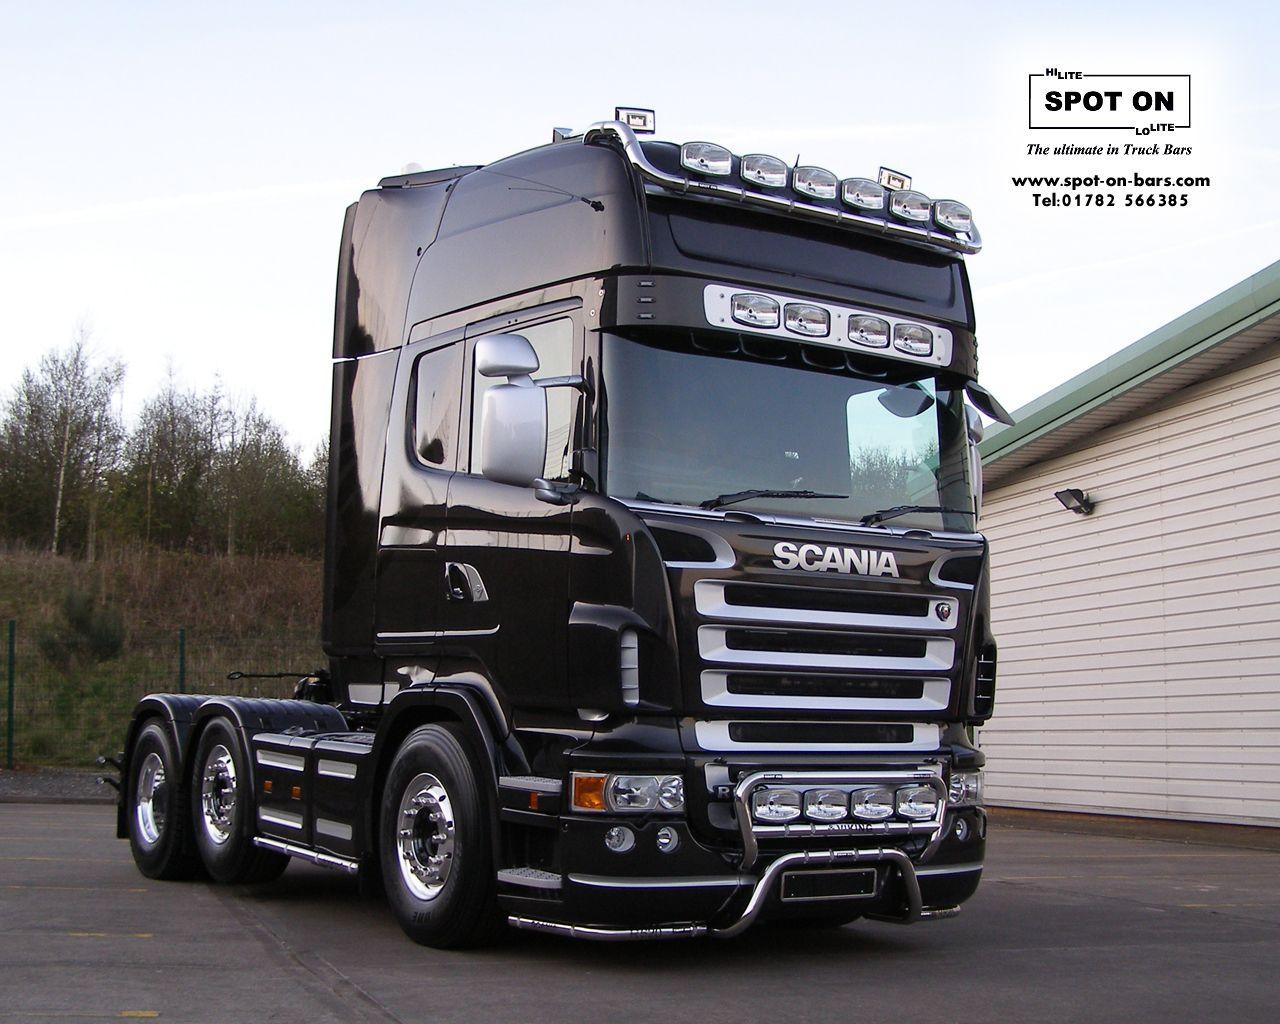 truck future car volvo vision 2020 concept truck future car xpx volvo 1280x1024